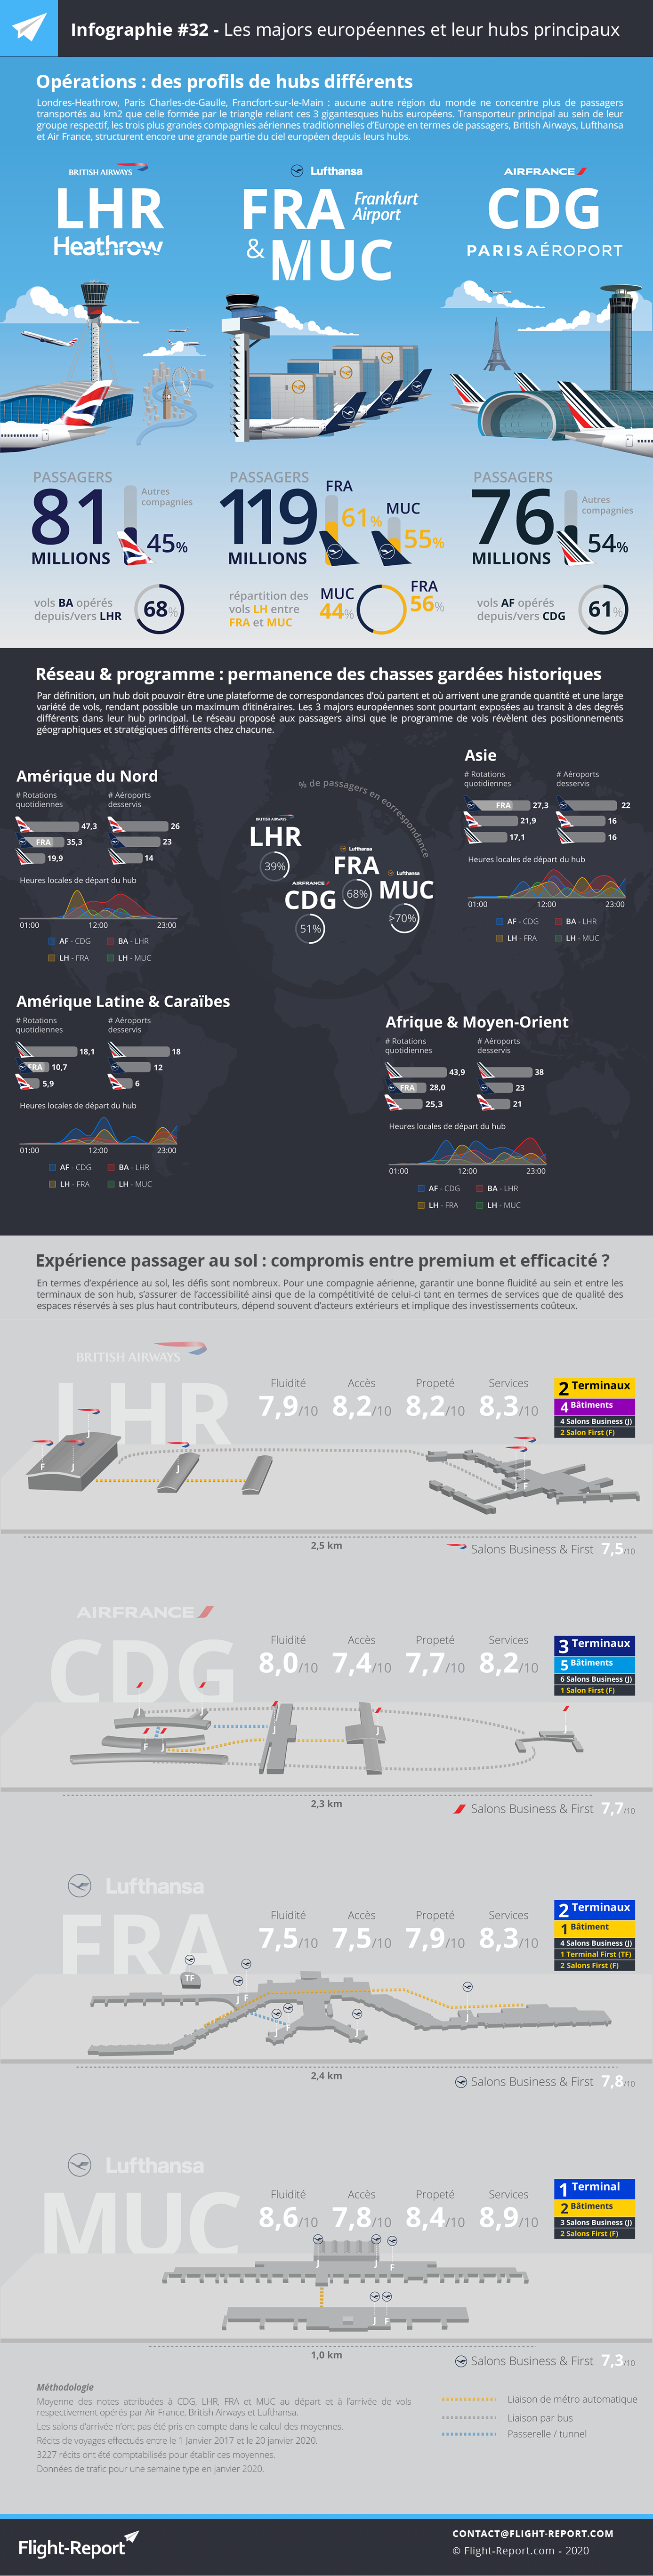 Infographie #32 - Les majors européennes et leurs hubs principaux